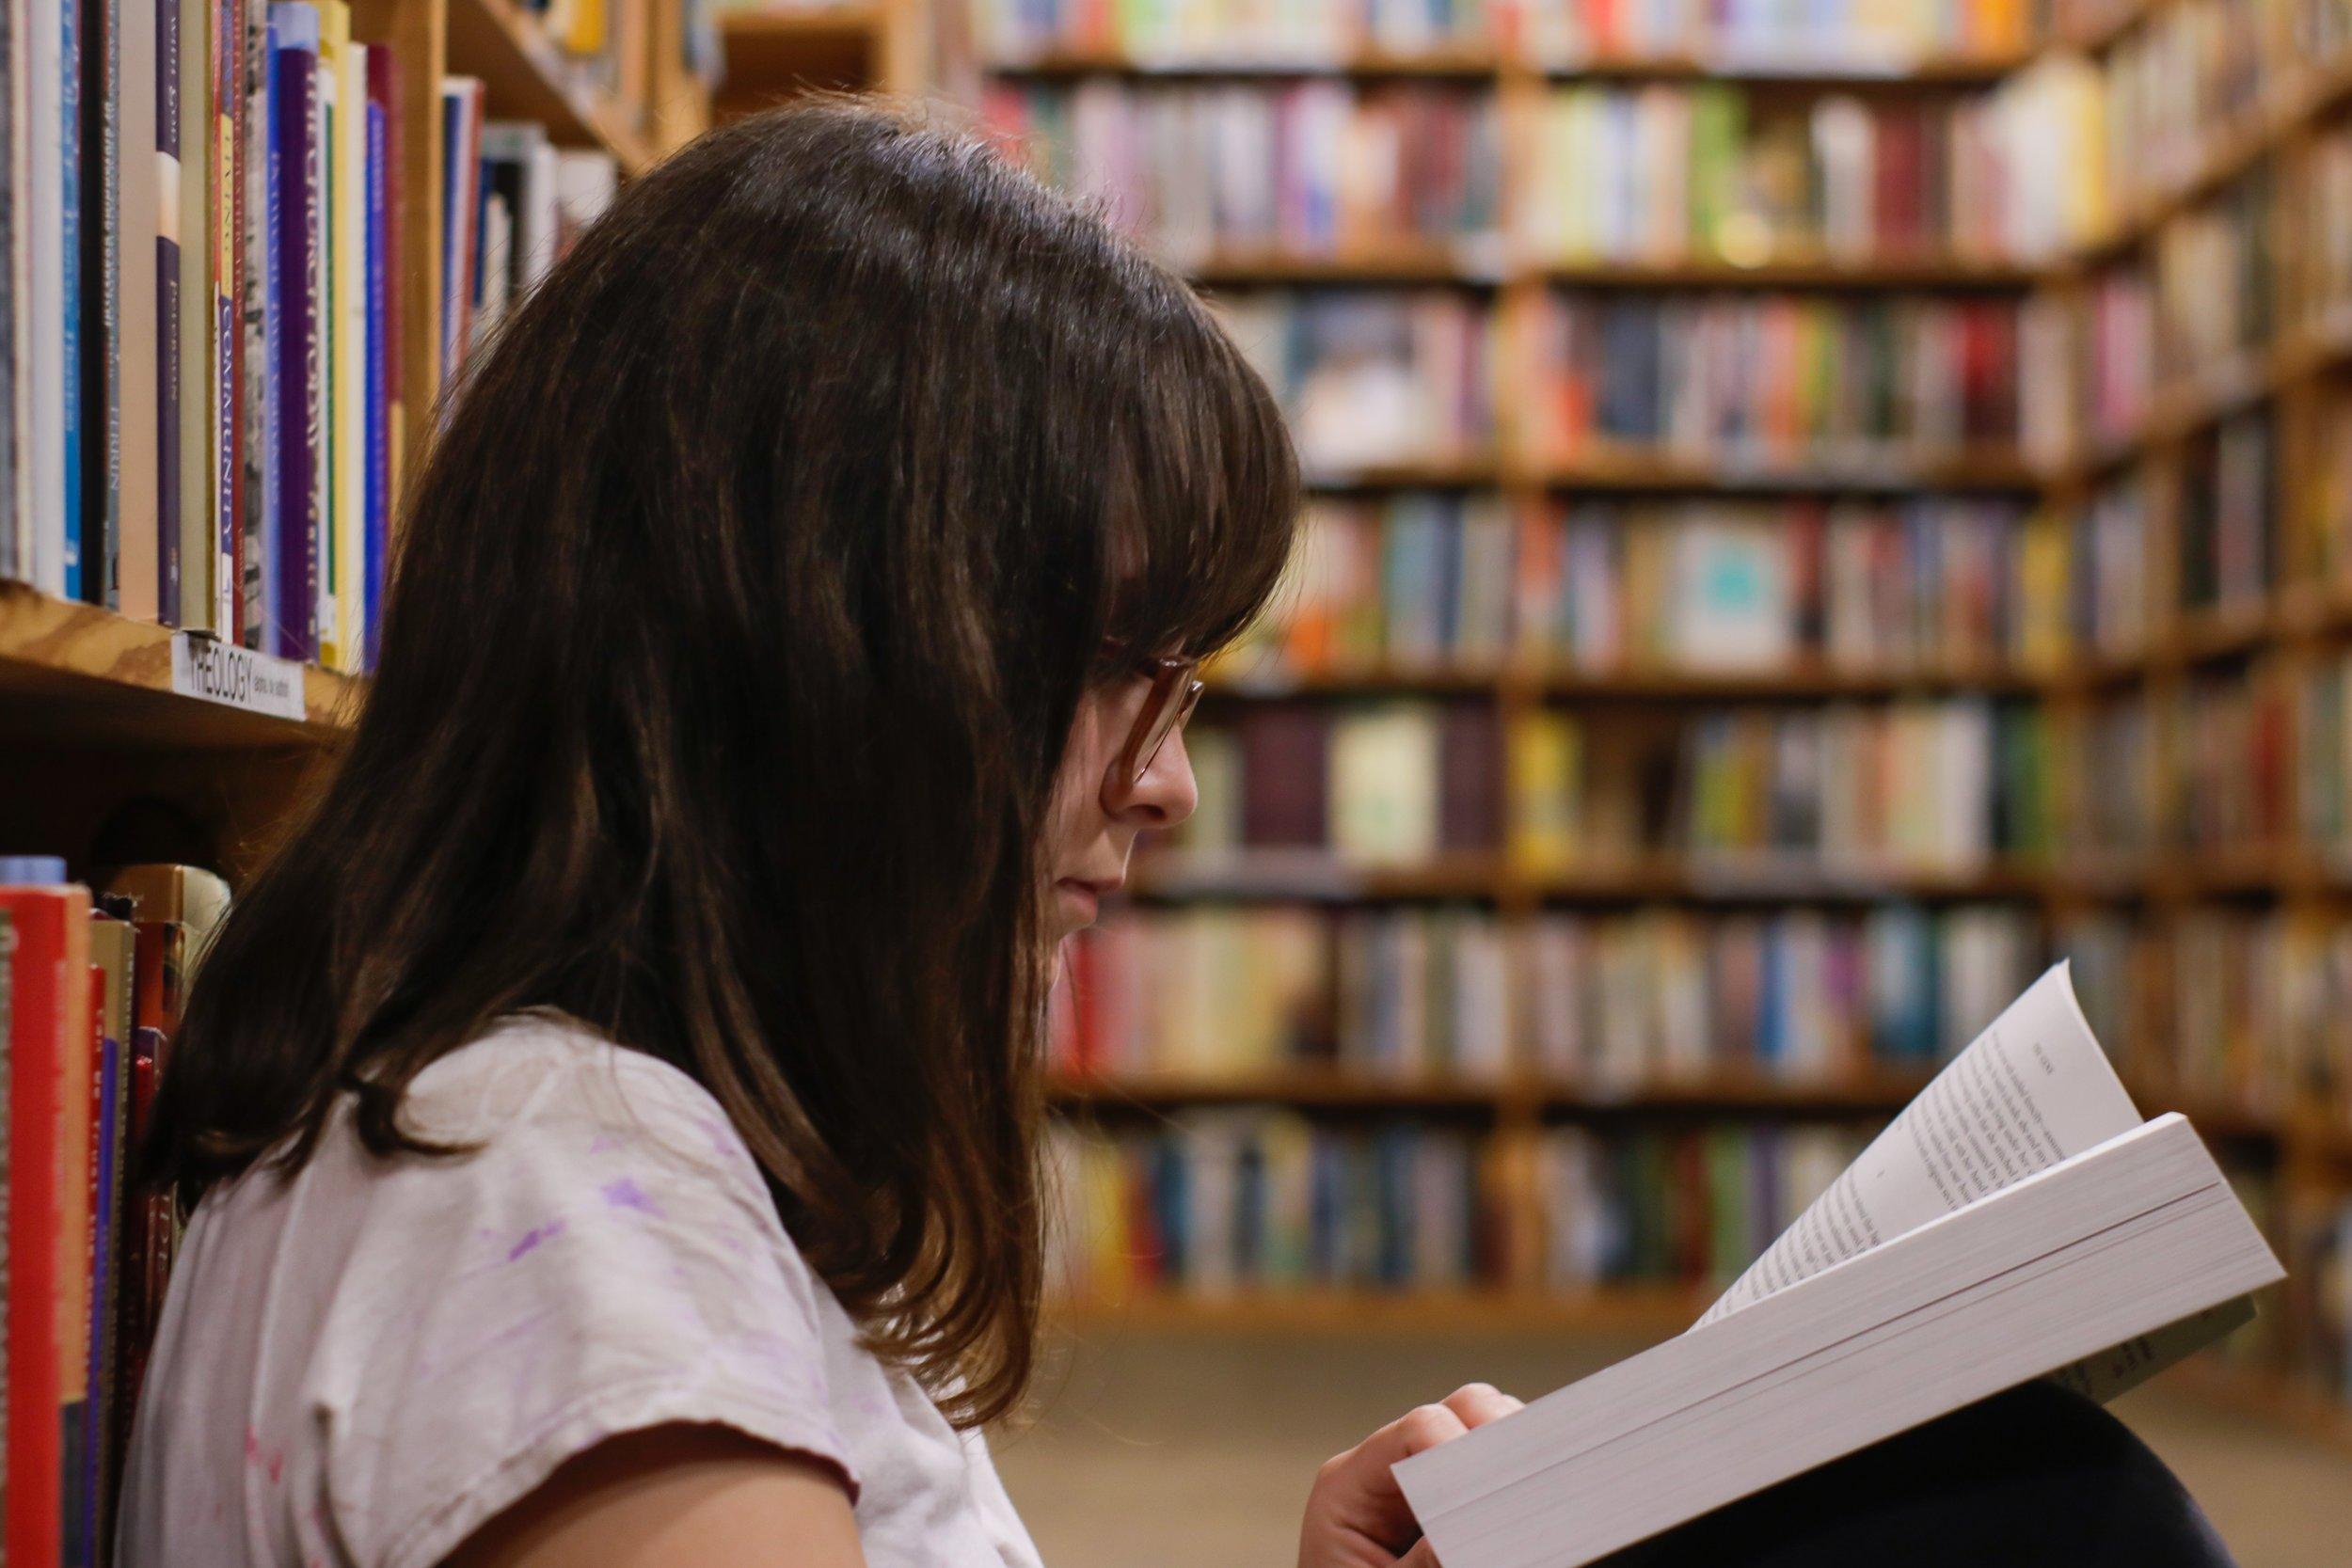 Student Reading -- eliott-reyna-748864-unsplash.jpg